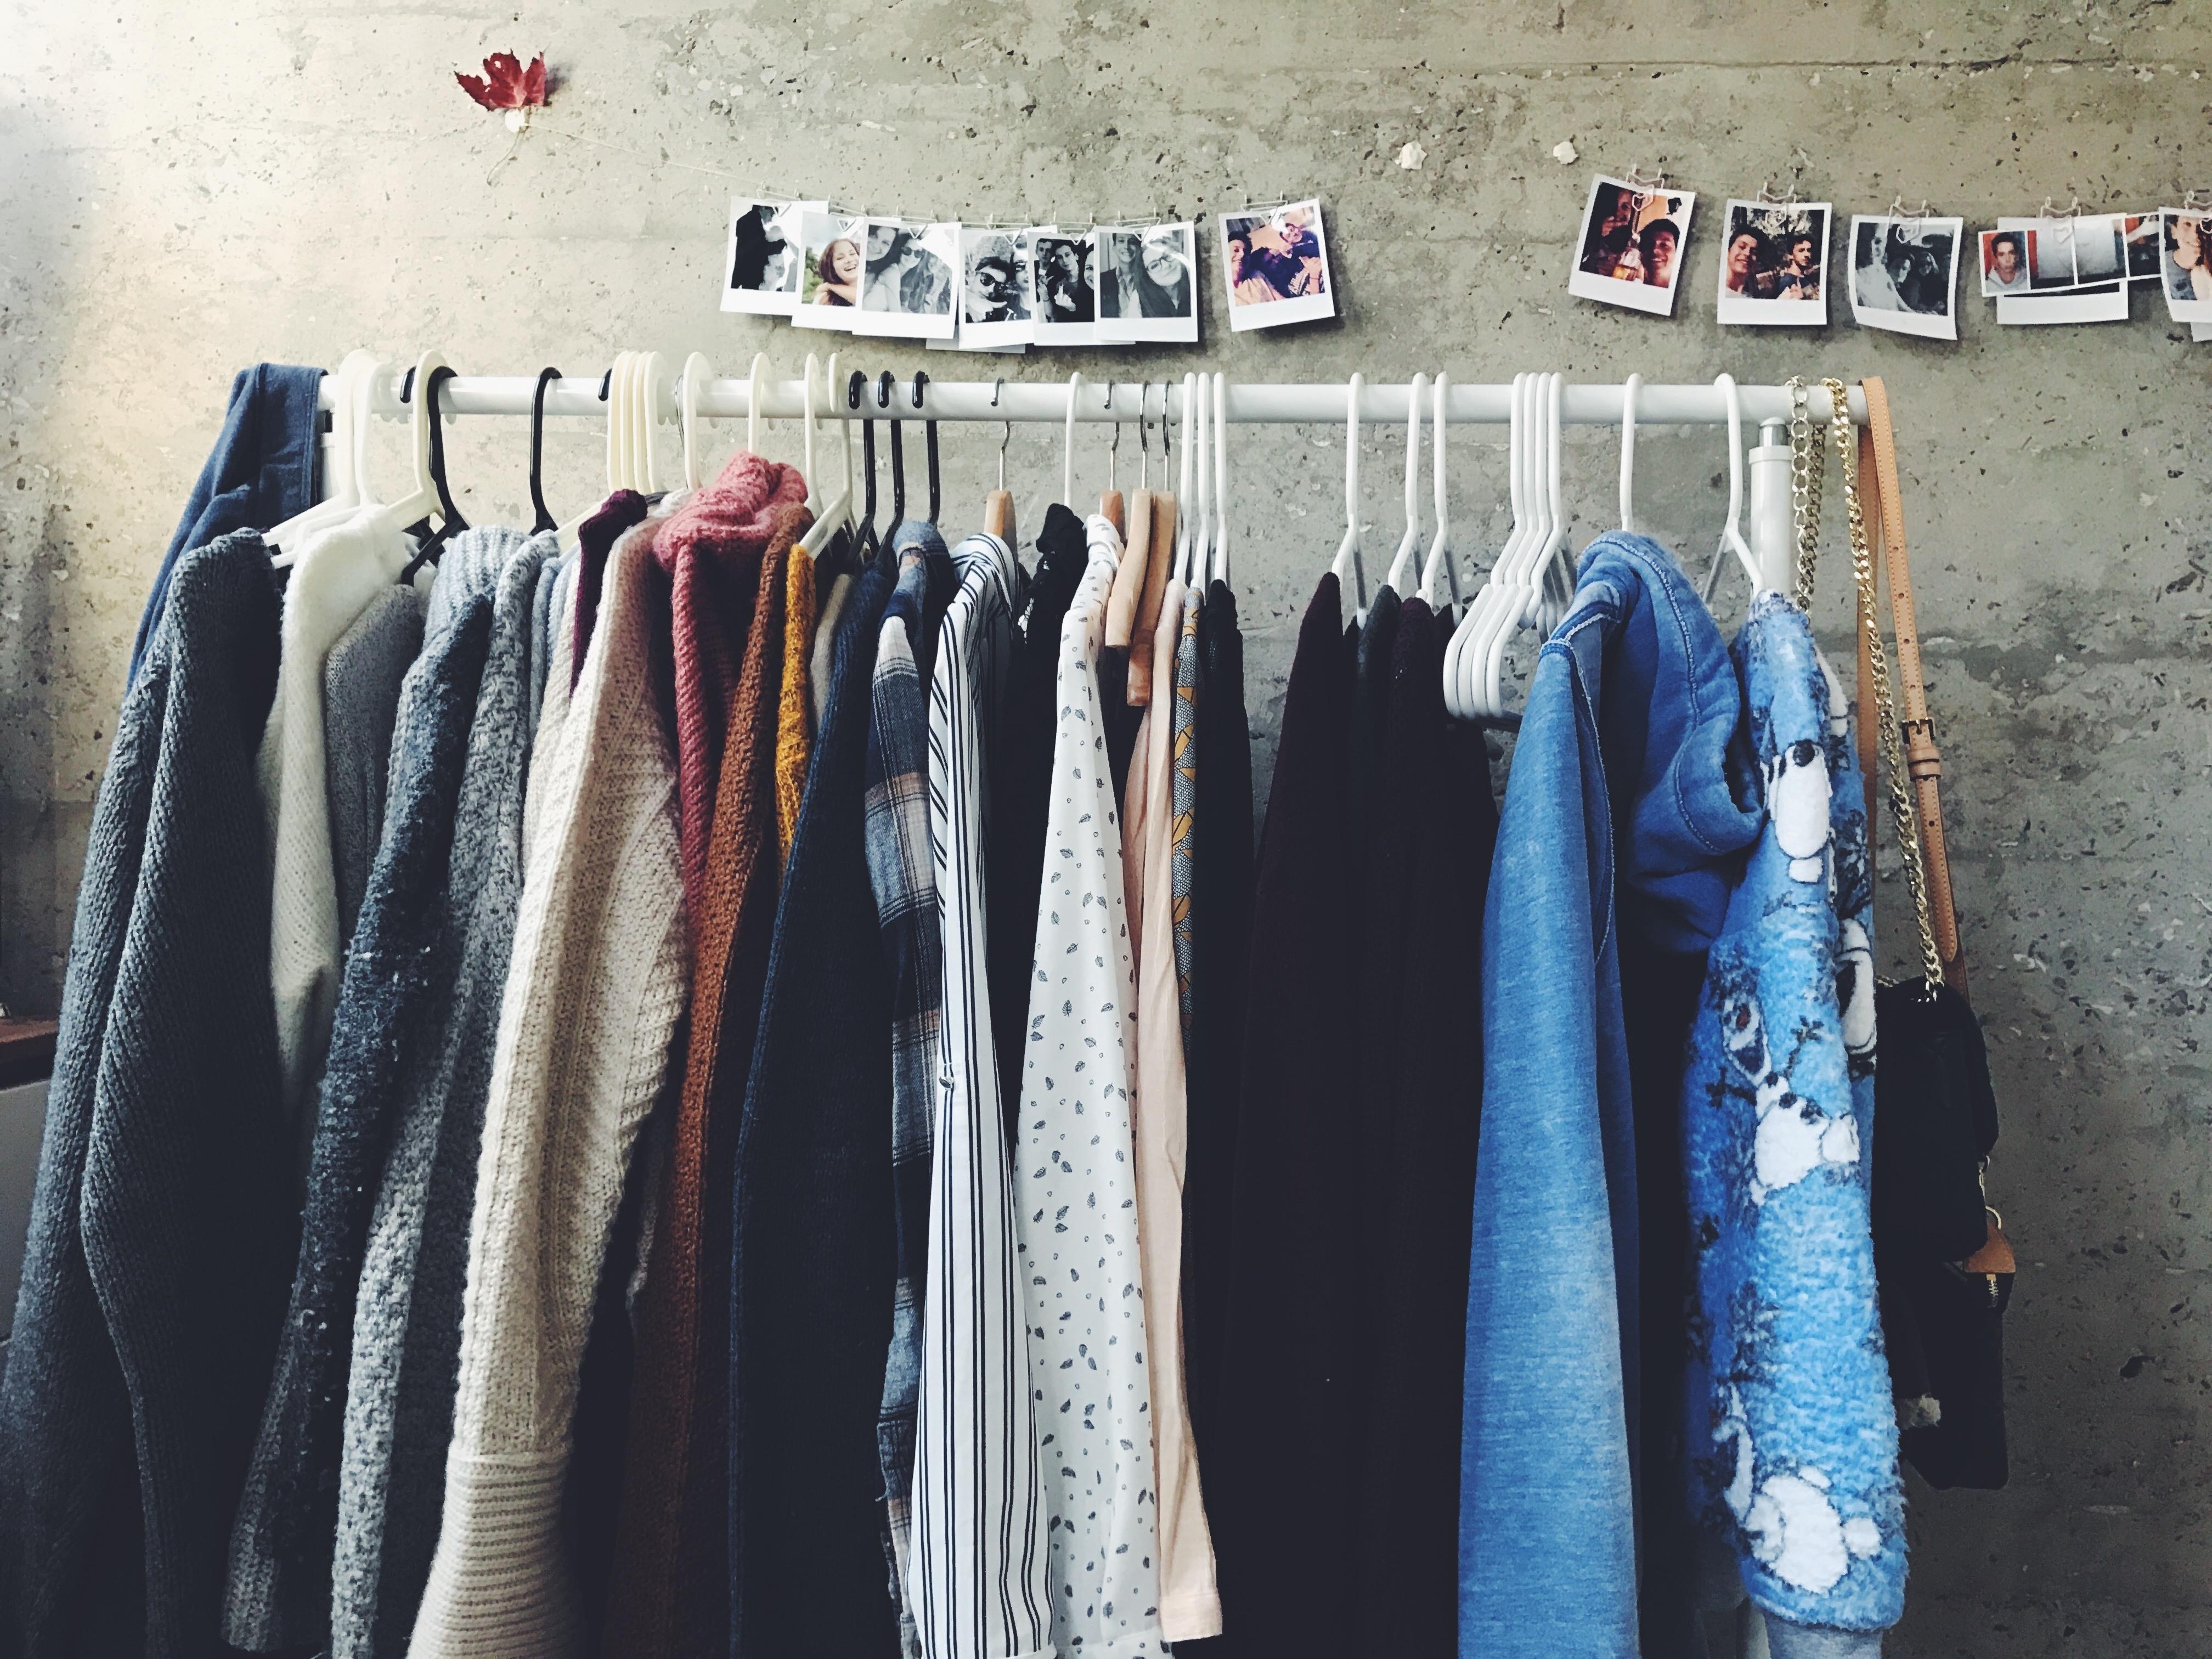 20 Spektakulär Kleidung GalerieDesigner Einzigartig Kleidung Spezialgebiet